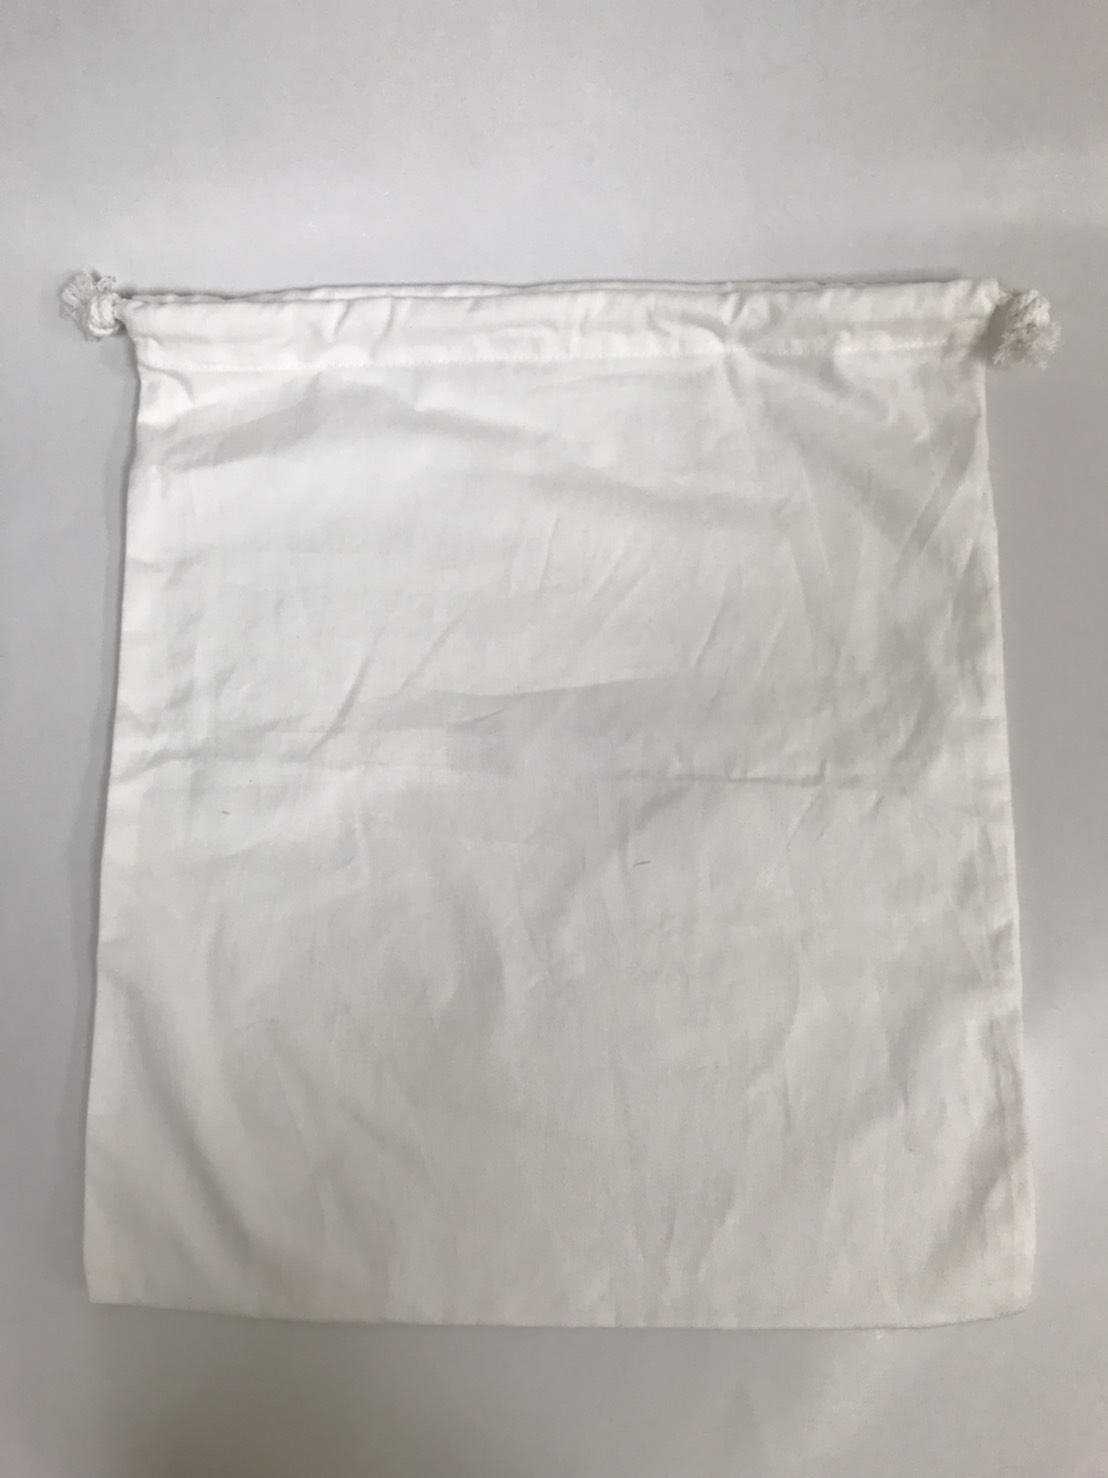 棉帆布朿口袋 編號: CV-CA0005